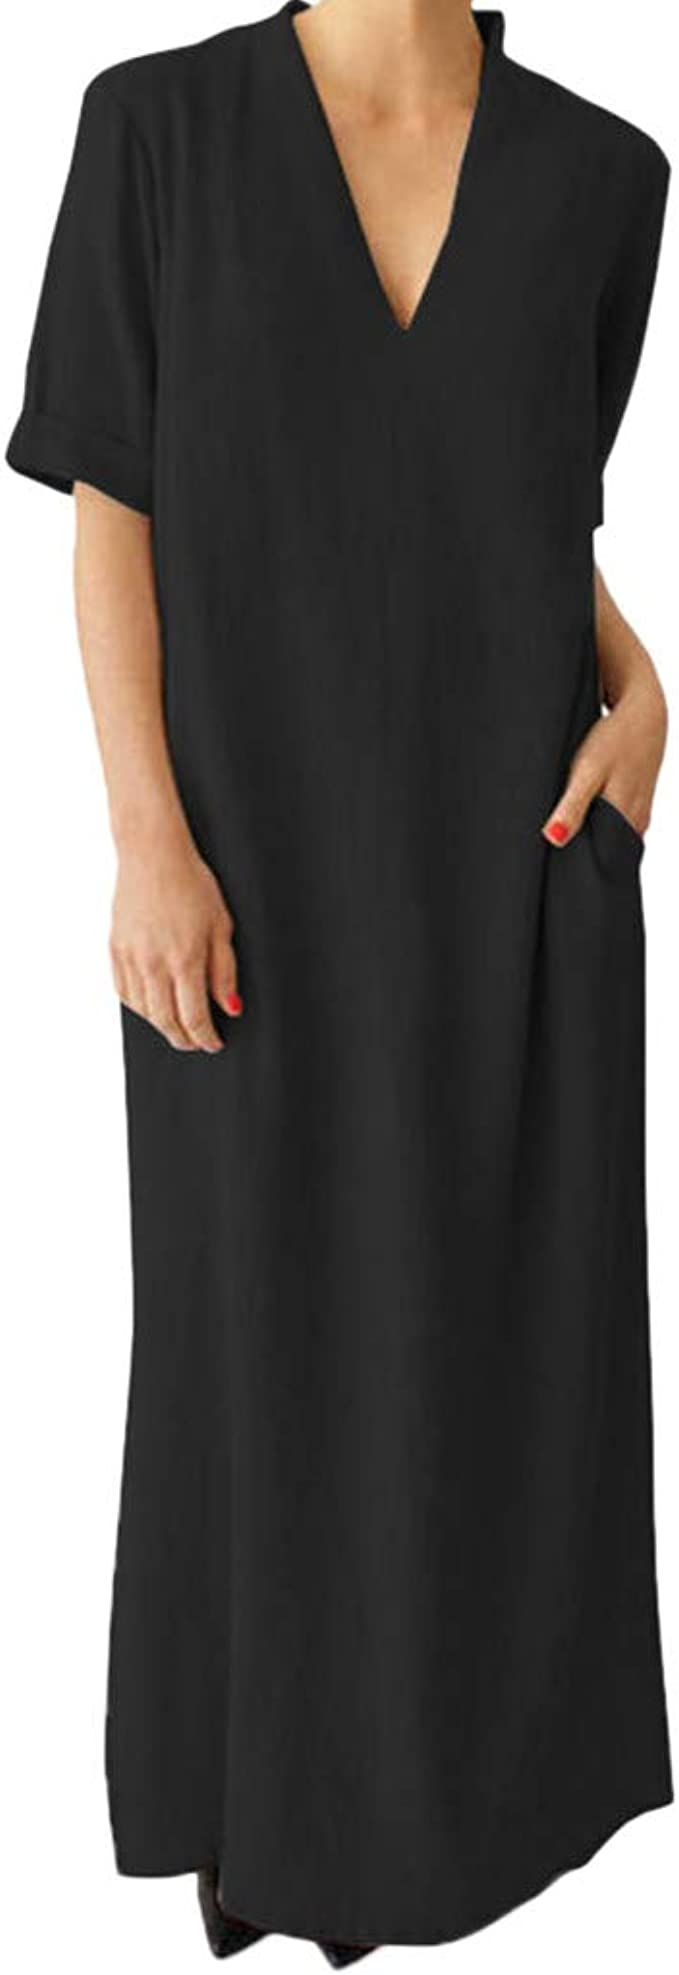 Goosuny Damen Leinen Sommer Kleider Kurzarm Maxikleider V Ausschnitt Kleider Einfarbig Leinenkleid Strandkleid Lang Kleid Mit Taschen Amazon De Bekleidung